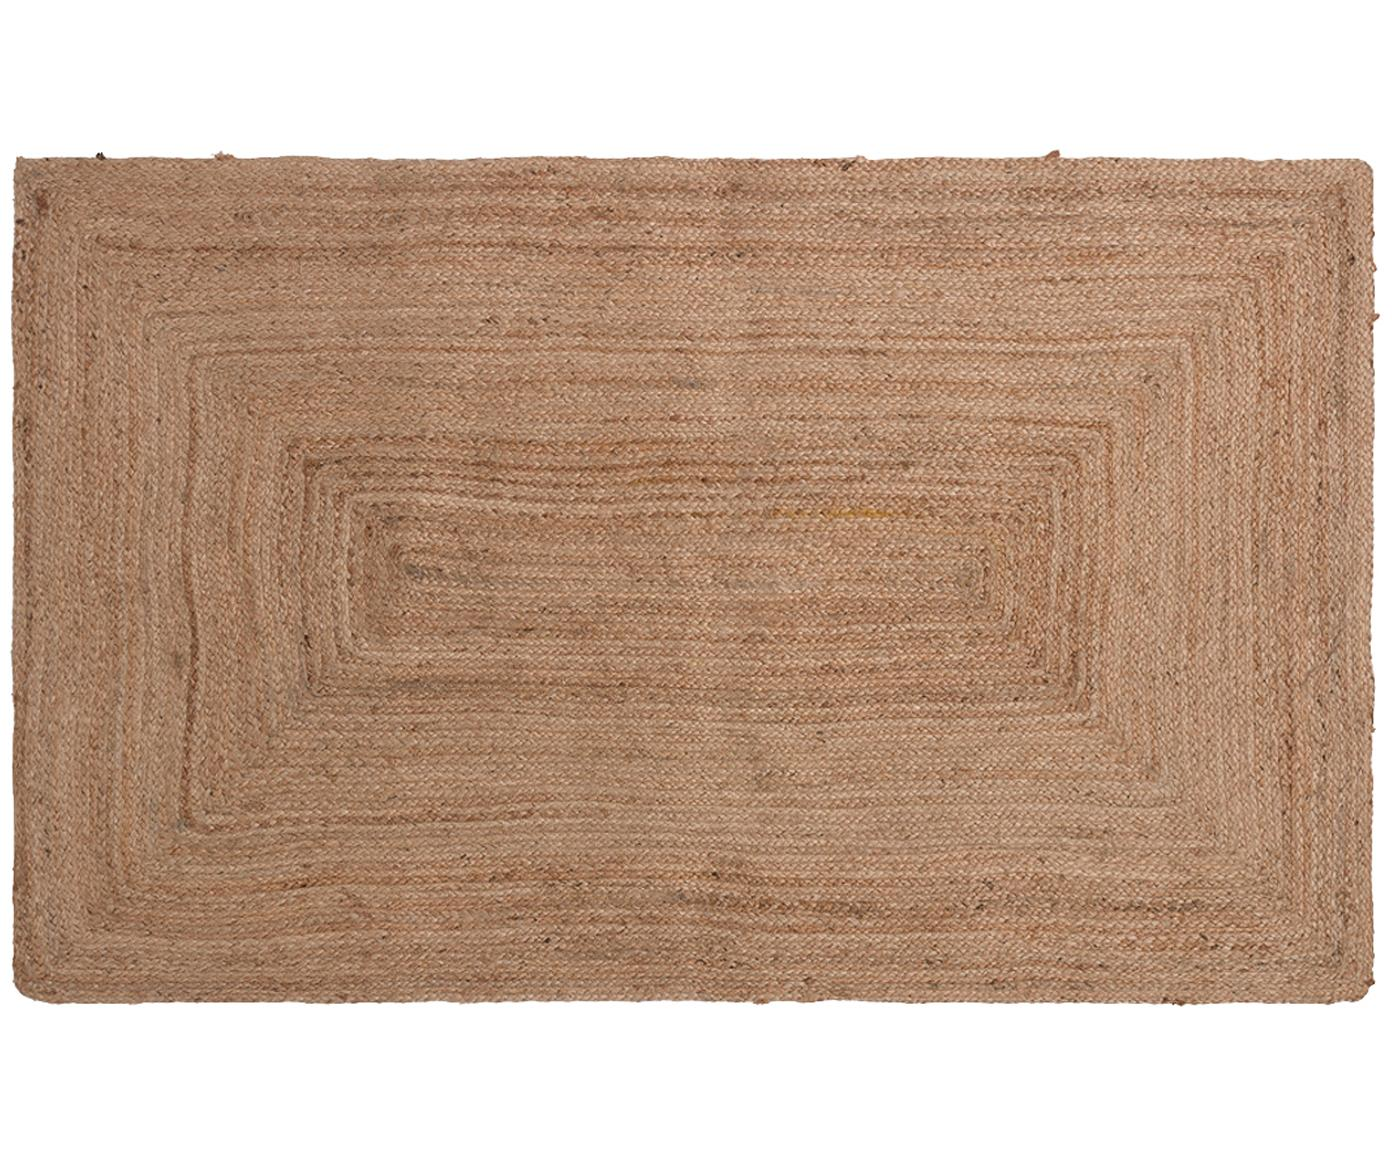 Juteteppich Ural, 100% Jute, Beige, B 90 x L 150 cm (Grösse XS)